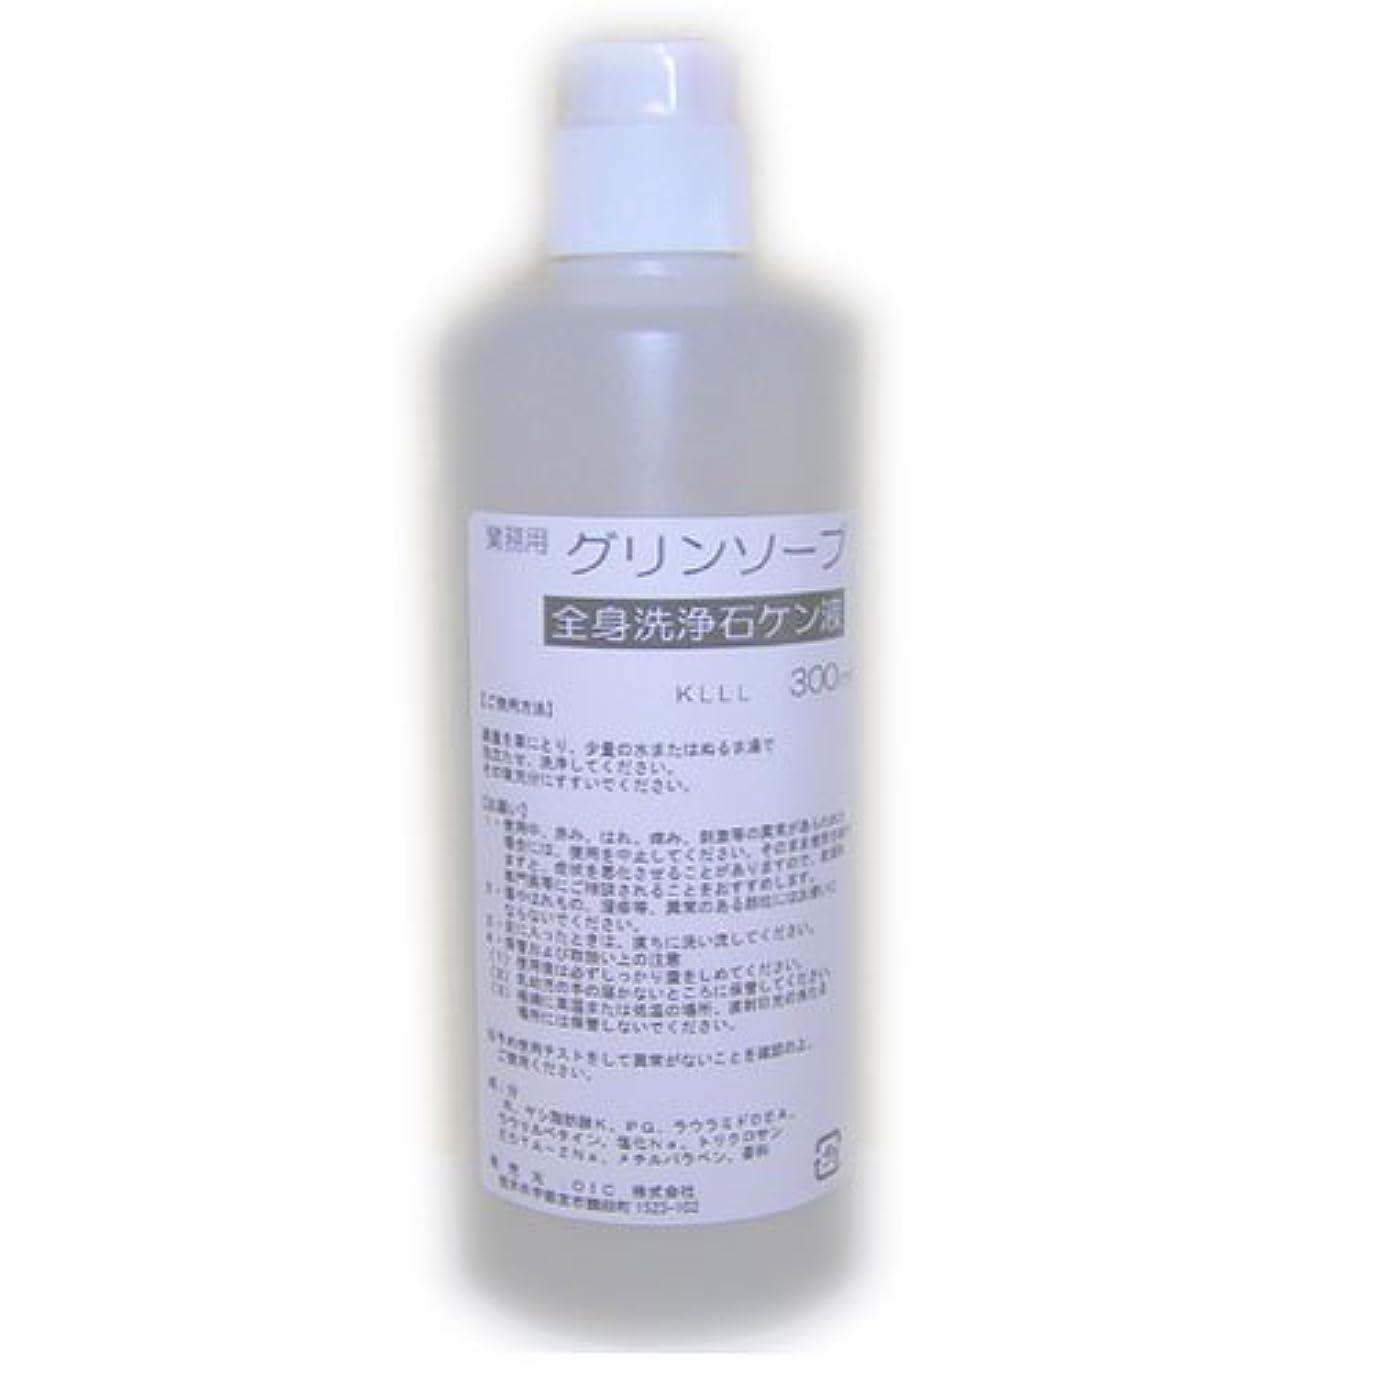 人クリーナー毎日業務用ボディソープ 殺菌成分配合?消毒石鹸液 グリンソープ (300ml)